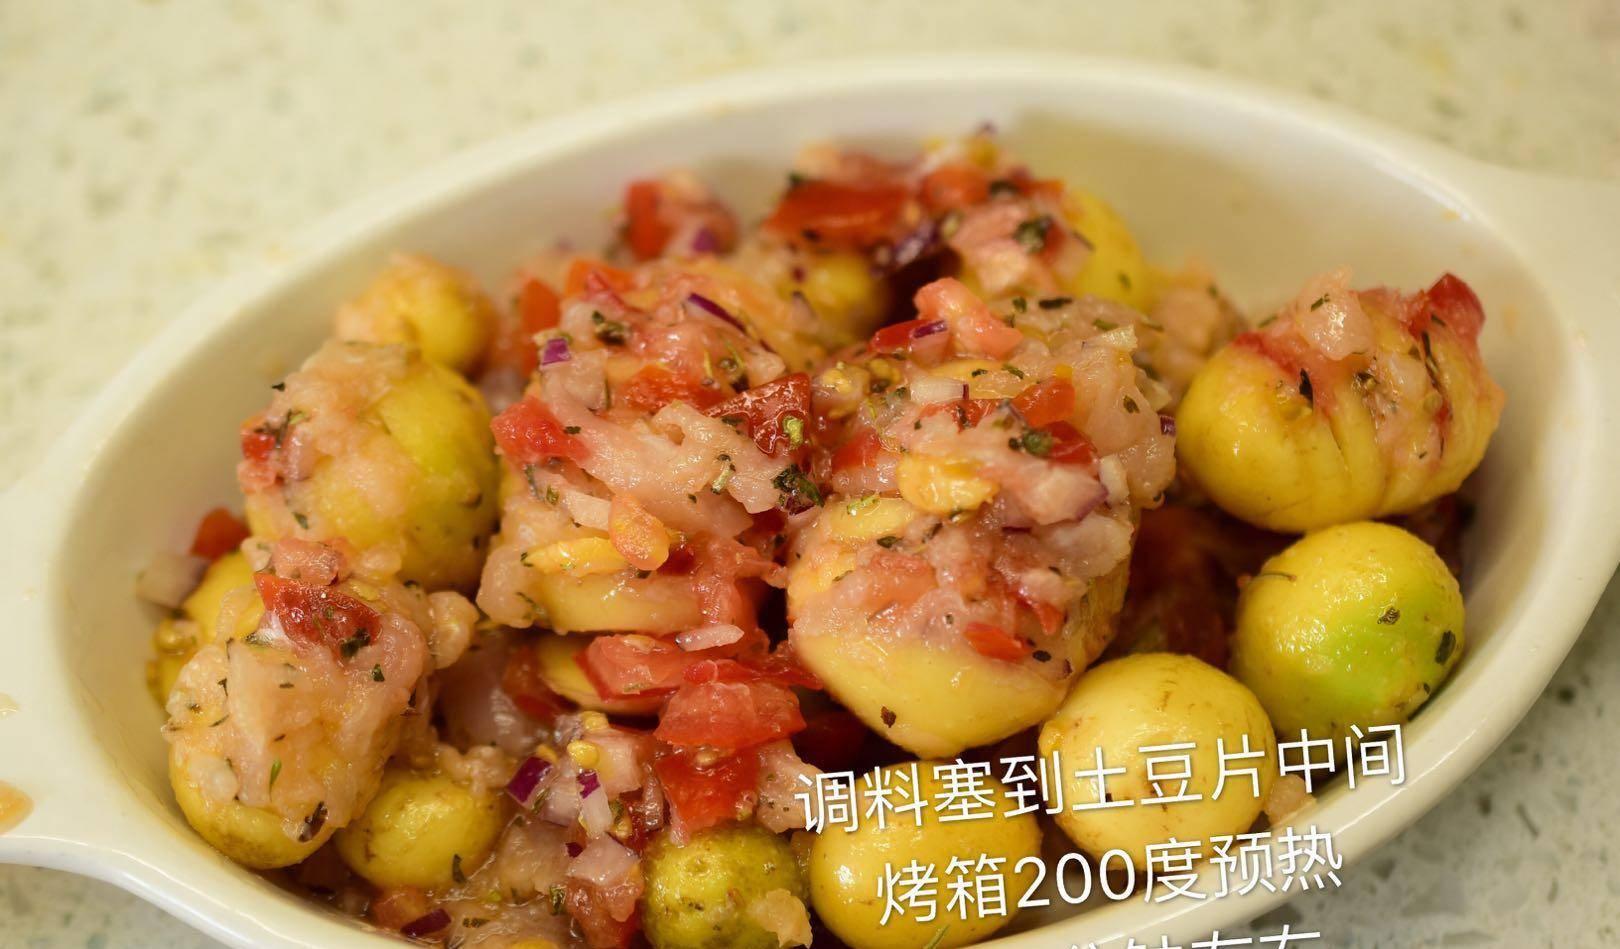 薯条|宝宝辅食如何吃土豆?不看攻略,真想不到